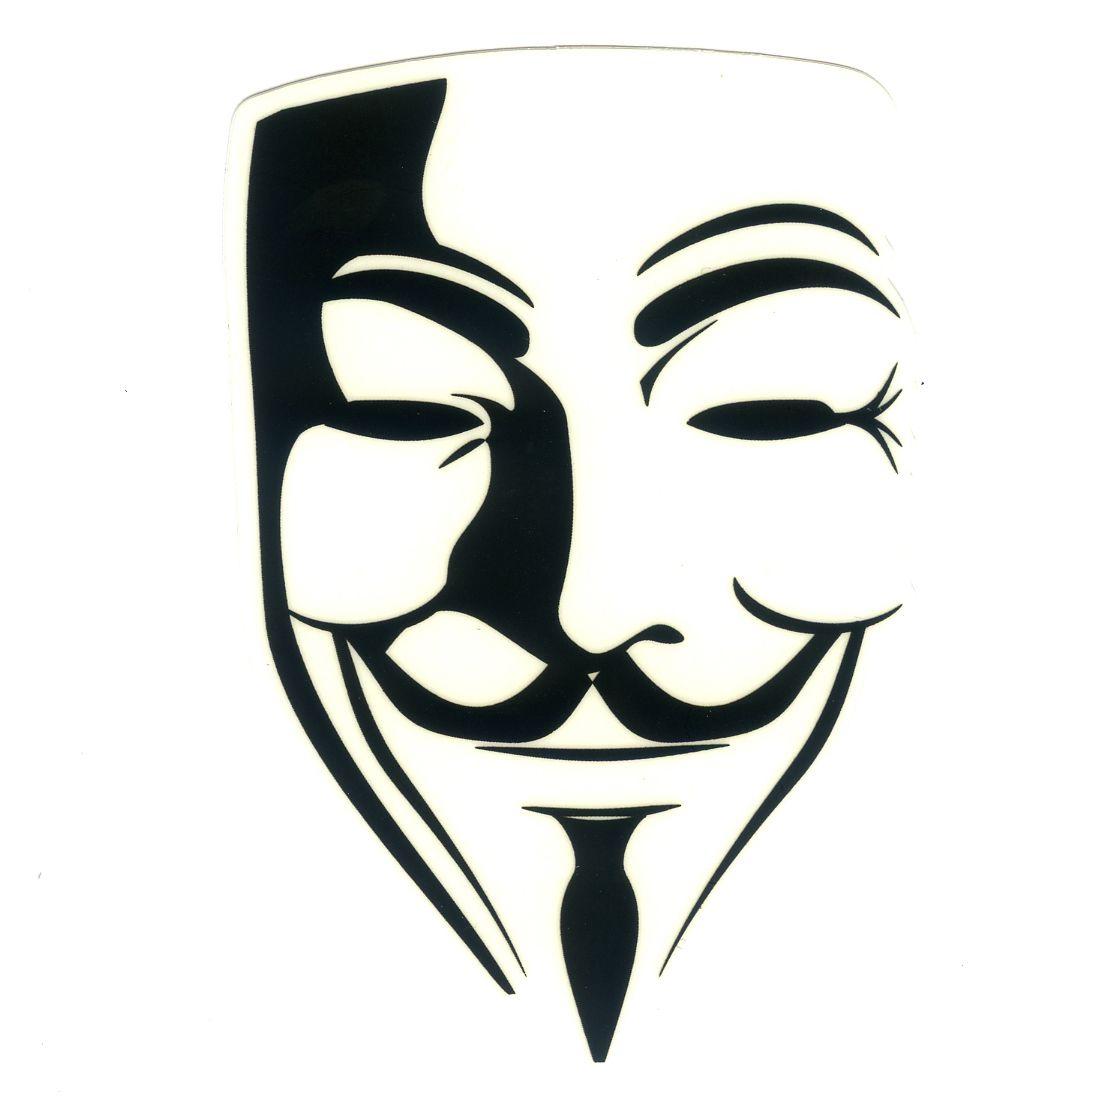 1112 V For Vendetta Guy Fawkes White Area Transparent Height 8 Cm Decal Guy Fawkes Mask Vendetta Mask V For Vendetta